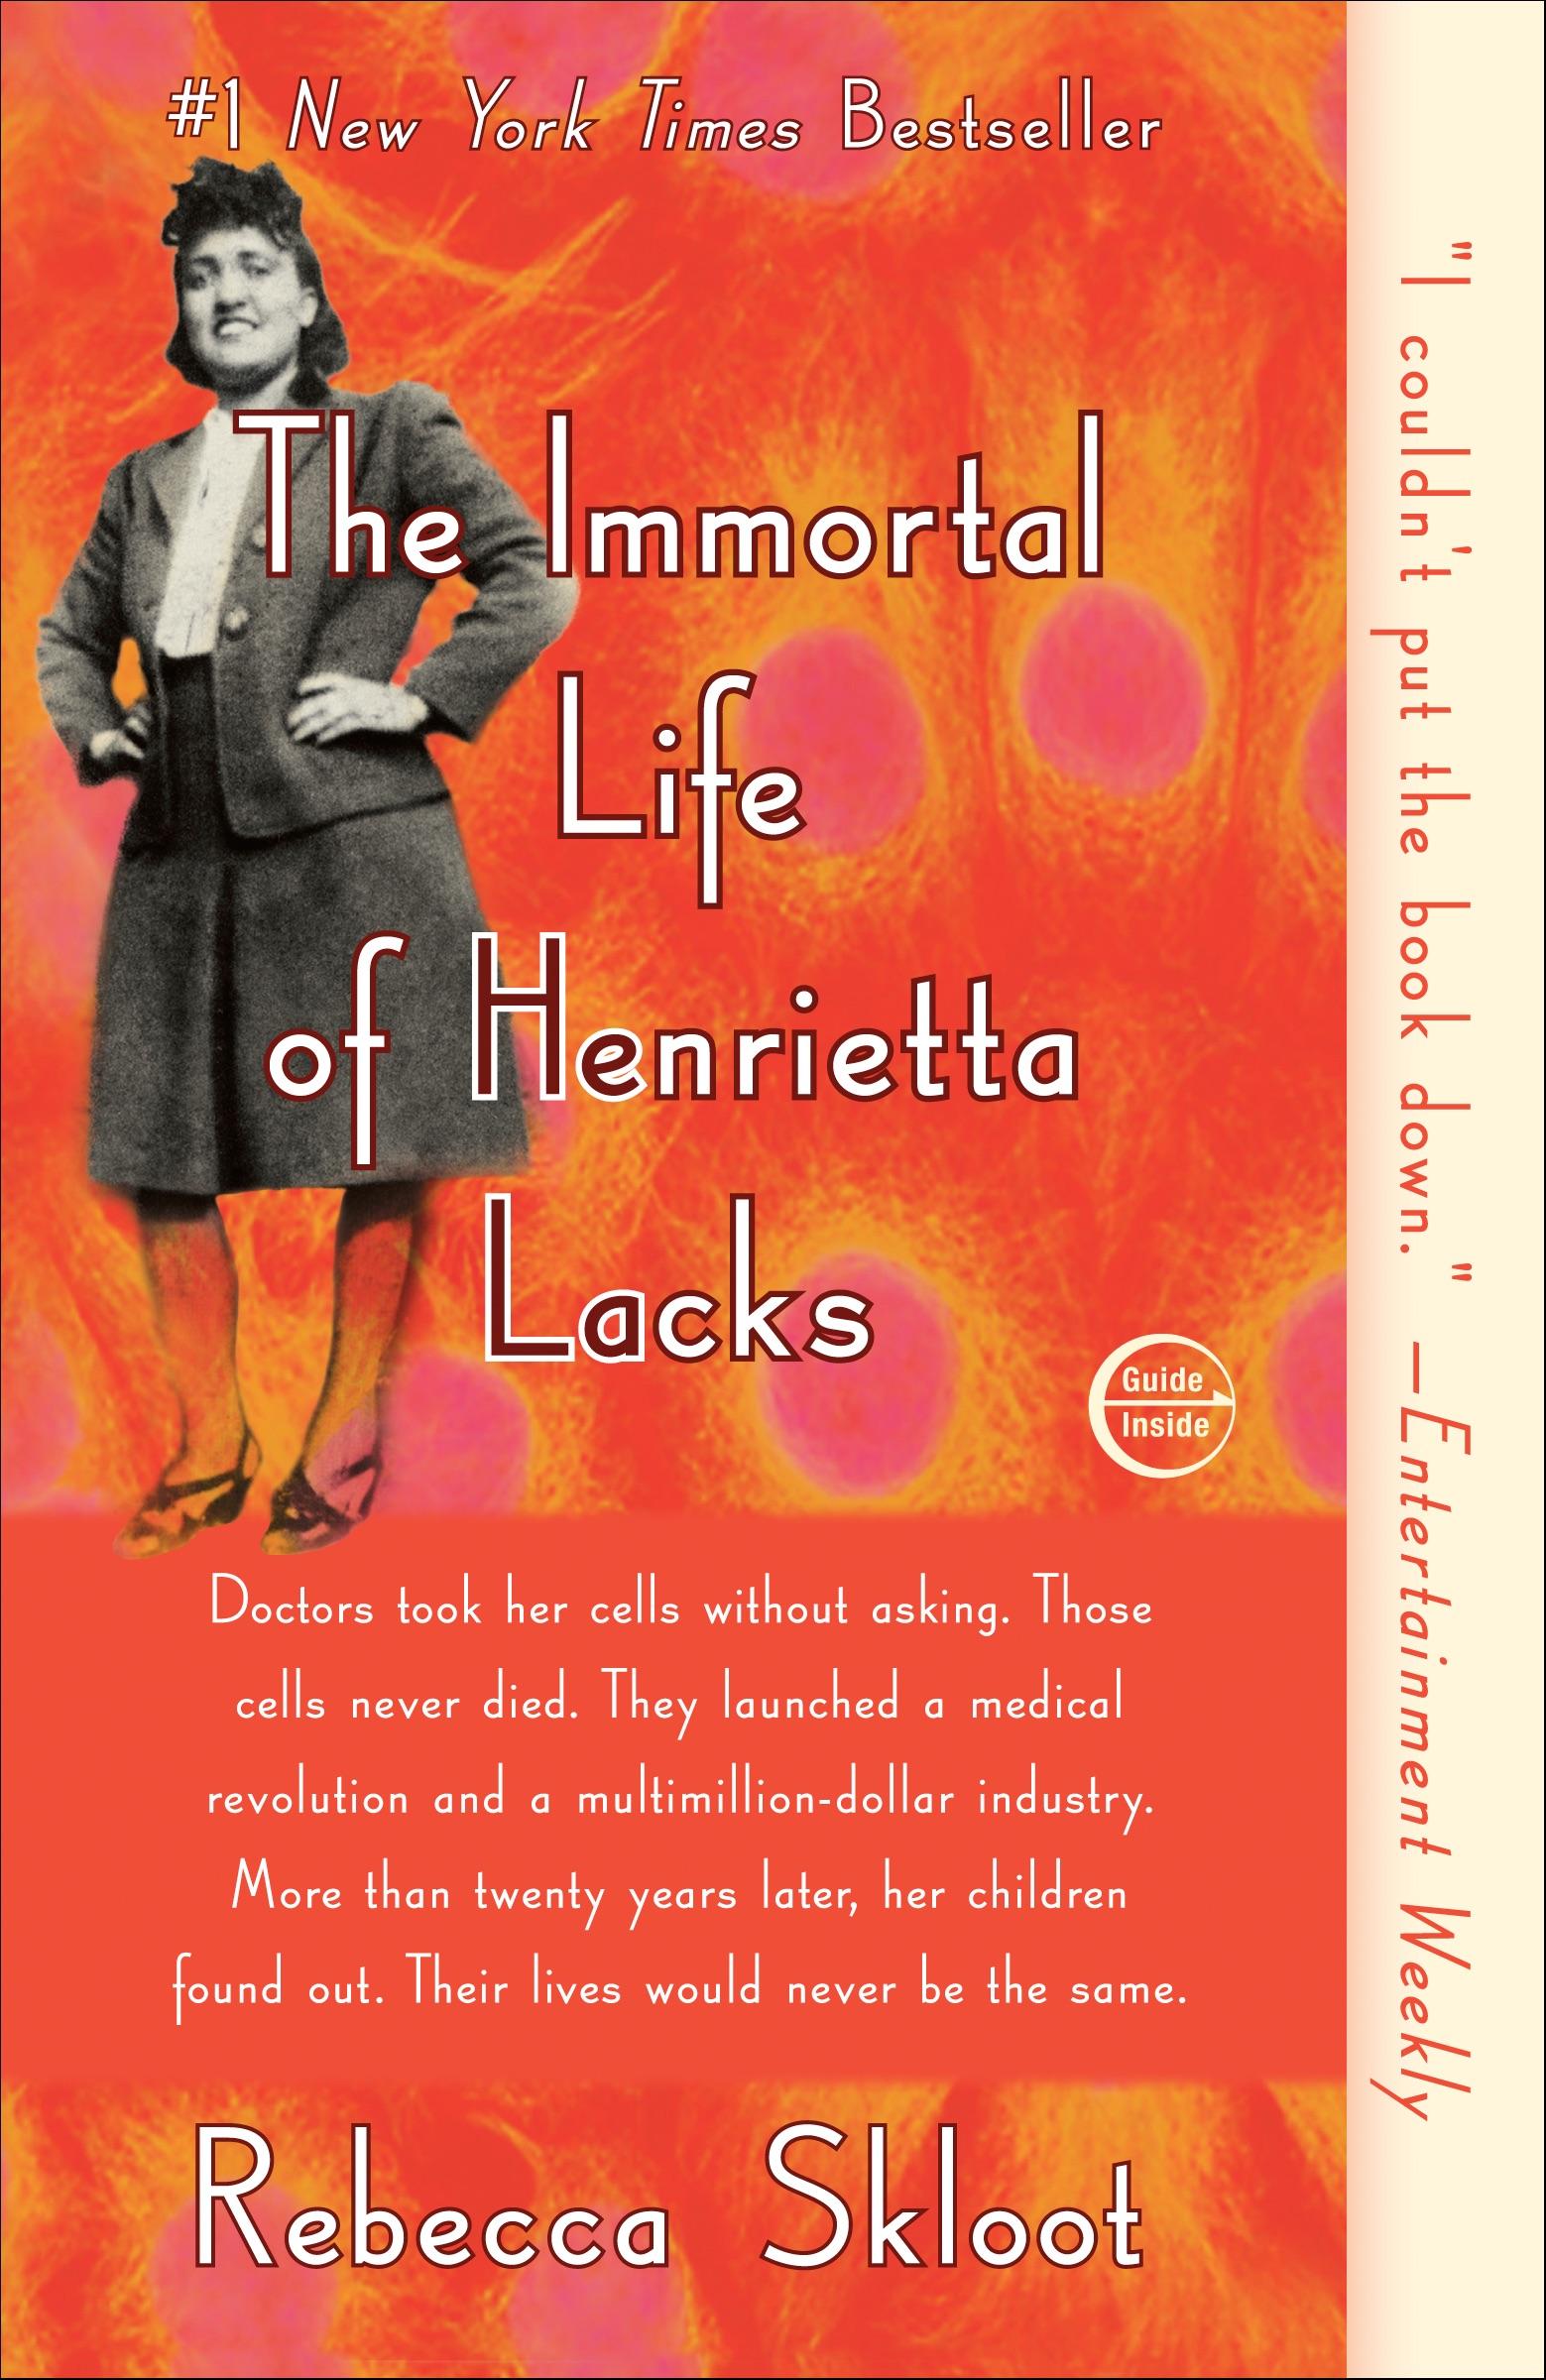 The Immortal Life of Henrietta Lacks Novel Paperback Book (1140L)